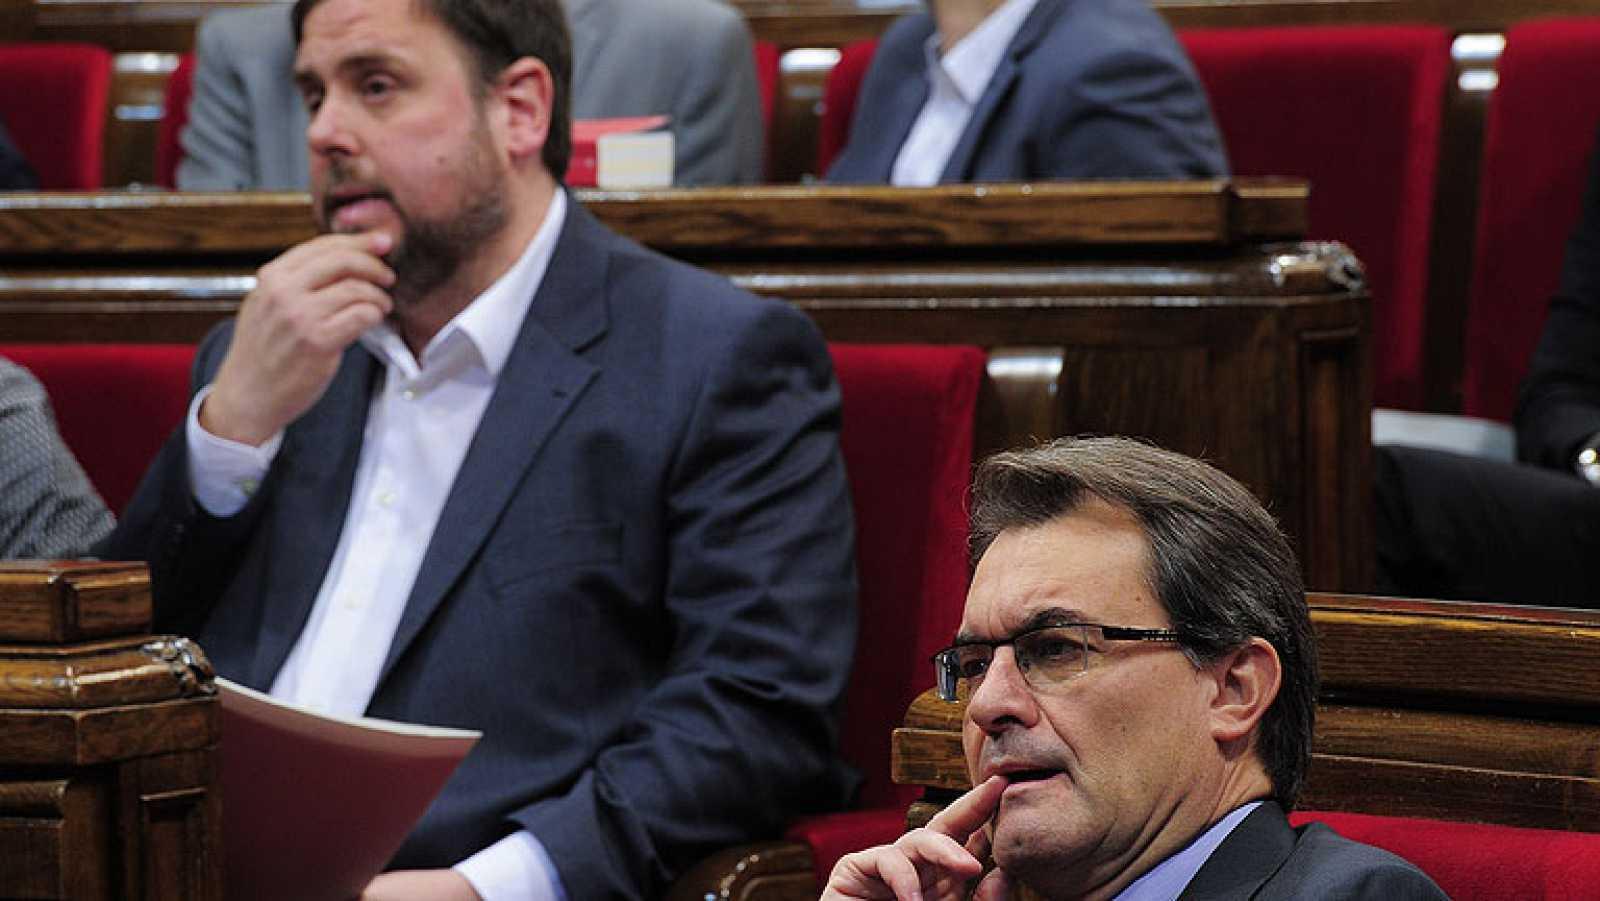 CiU y ERC fijan la consulta soberanista en 2014 tras cerrar un acuerdo de gobernabilidad